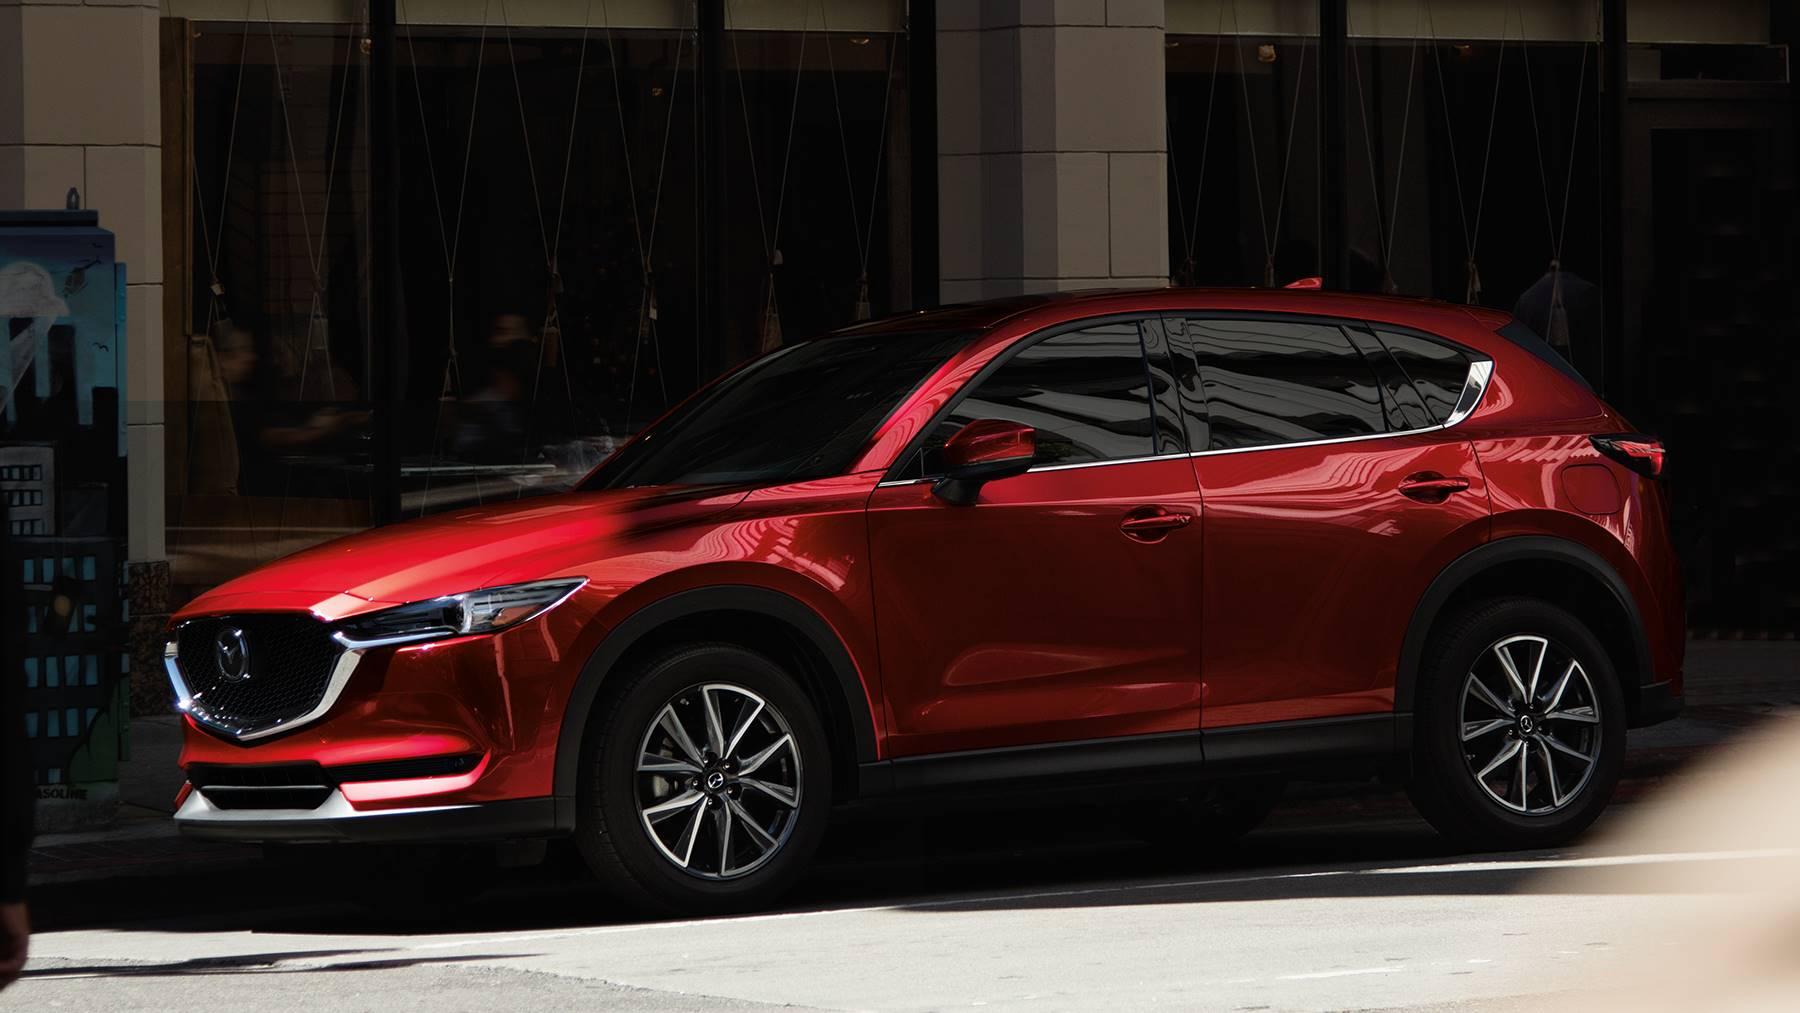 2018 Mazda CX-5 vs 2018 Toyota RAV4 near Phoenix, AZ